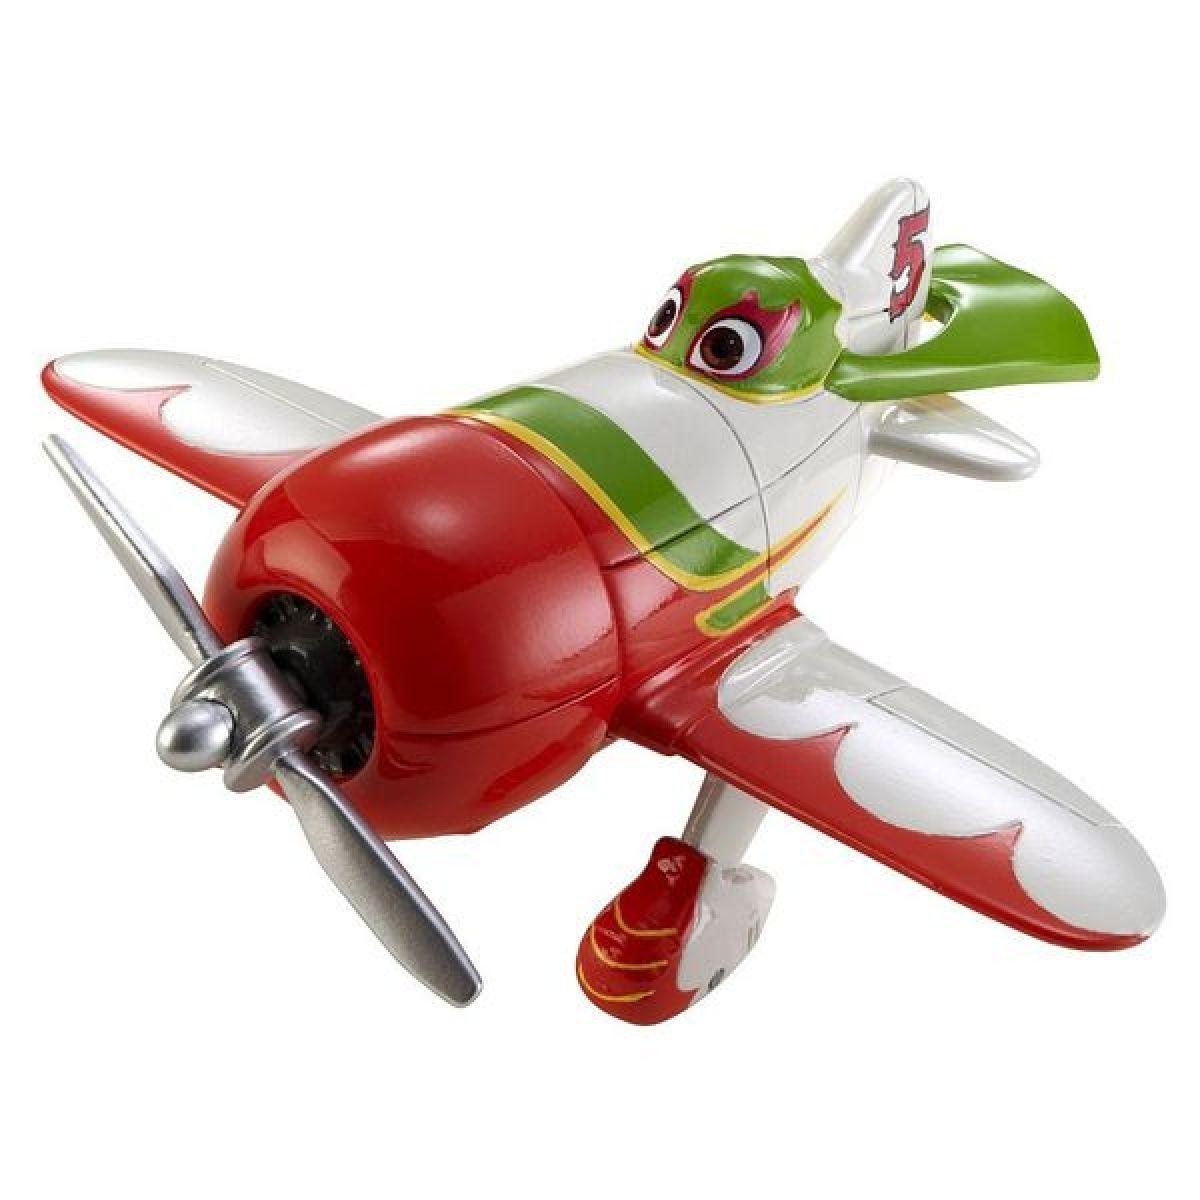 Mattel Planes Letadla X9459 - El Chupacabra